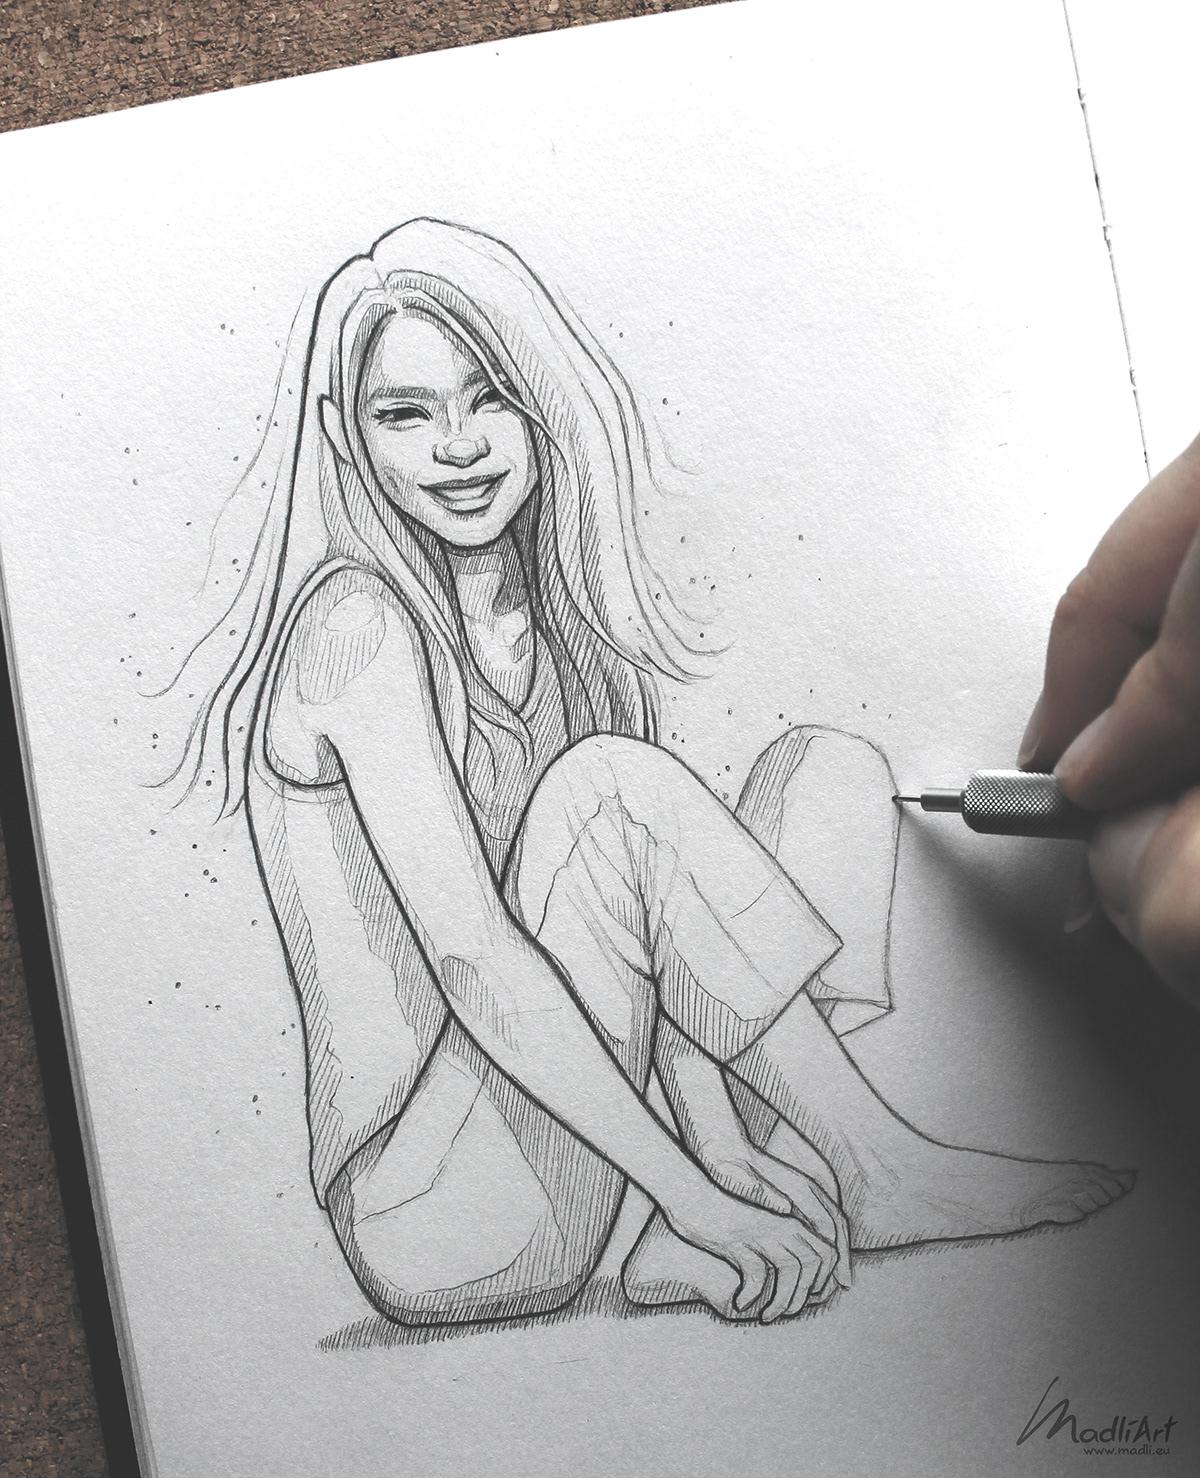 Drawing  girls pencil people portraits sketch sketchbook sketching beauty